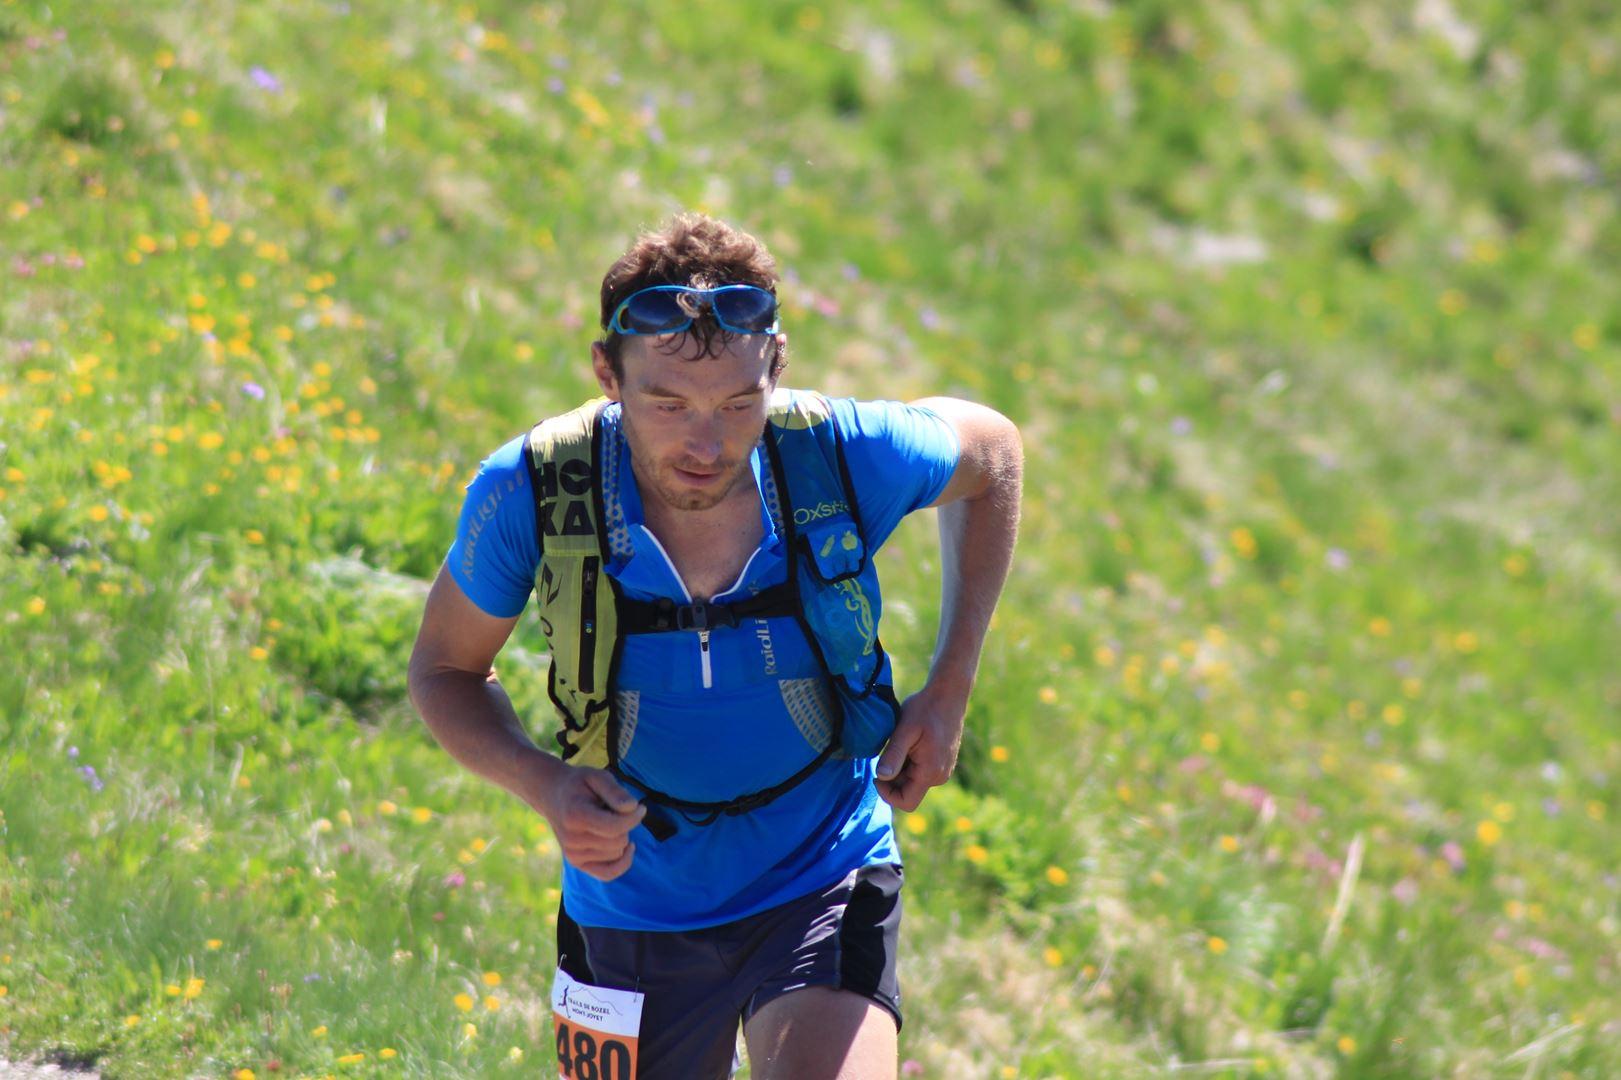 Nicolas Hairon en tête au Mt Jovet - RESULTATS ET PHOTOS DU TRAIL DE BOZEL (73)  18-06-2017